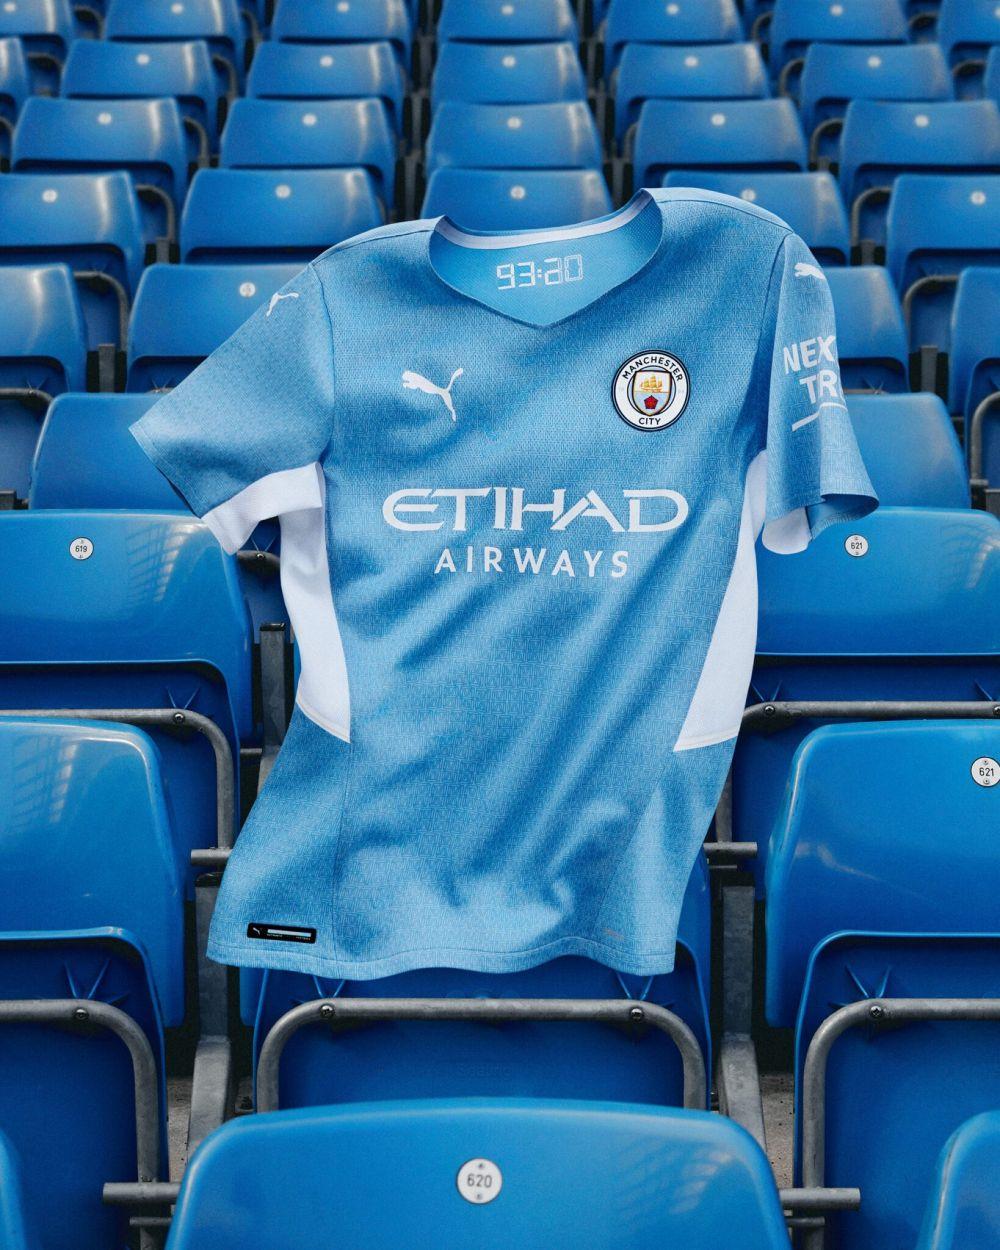 Adio, dar raman cu tine! Noul echipament de joc al lui Manchester City il omagiaza pe Kun Aguero